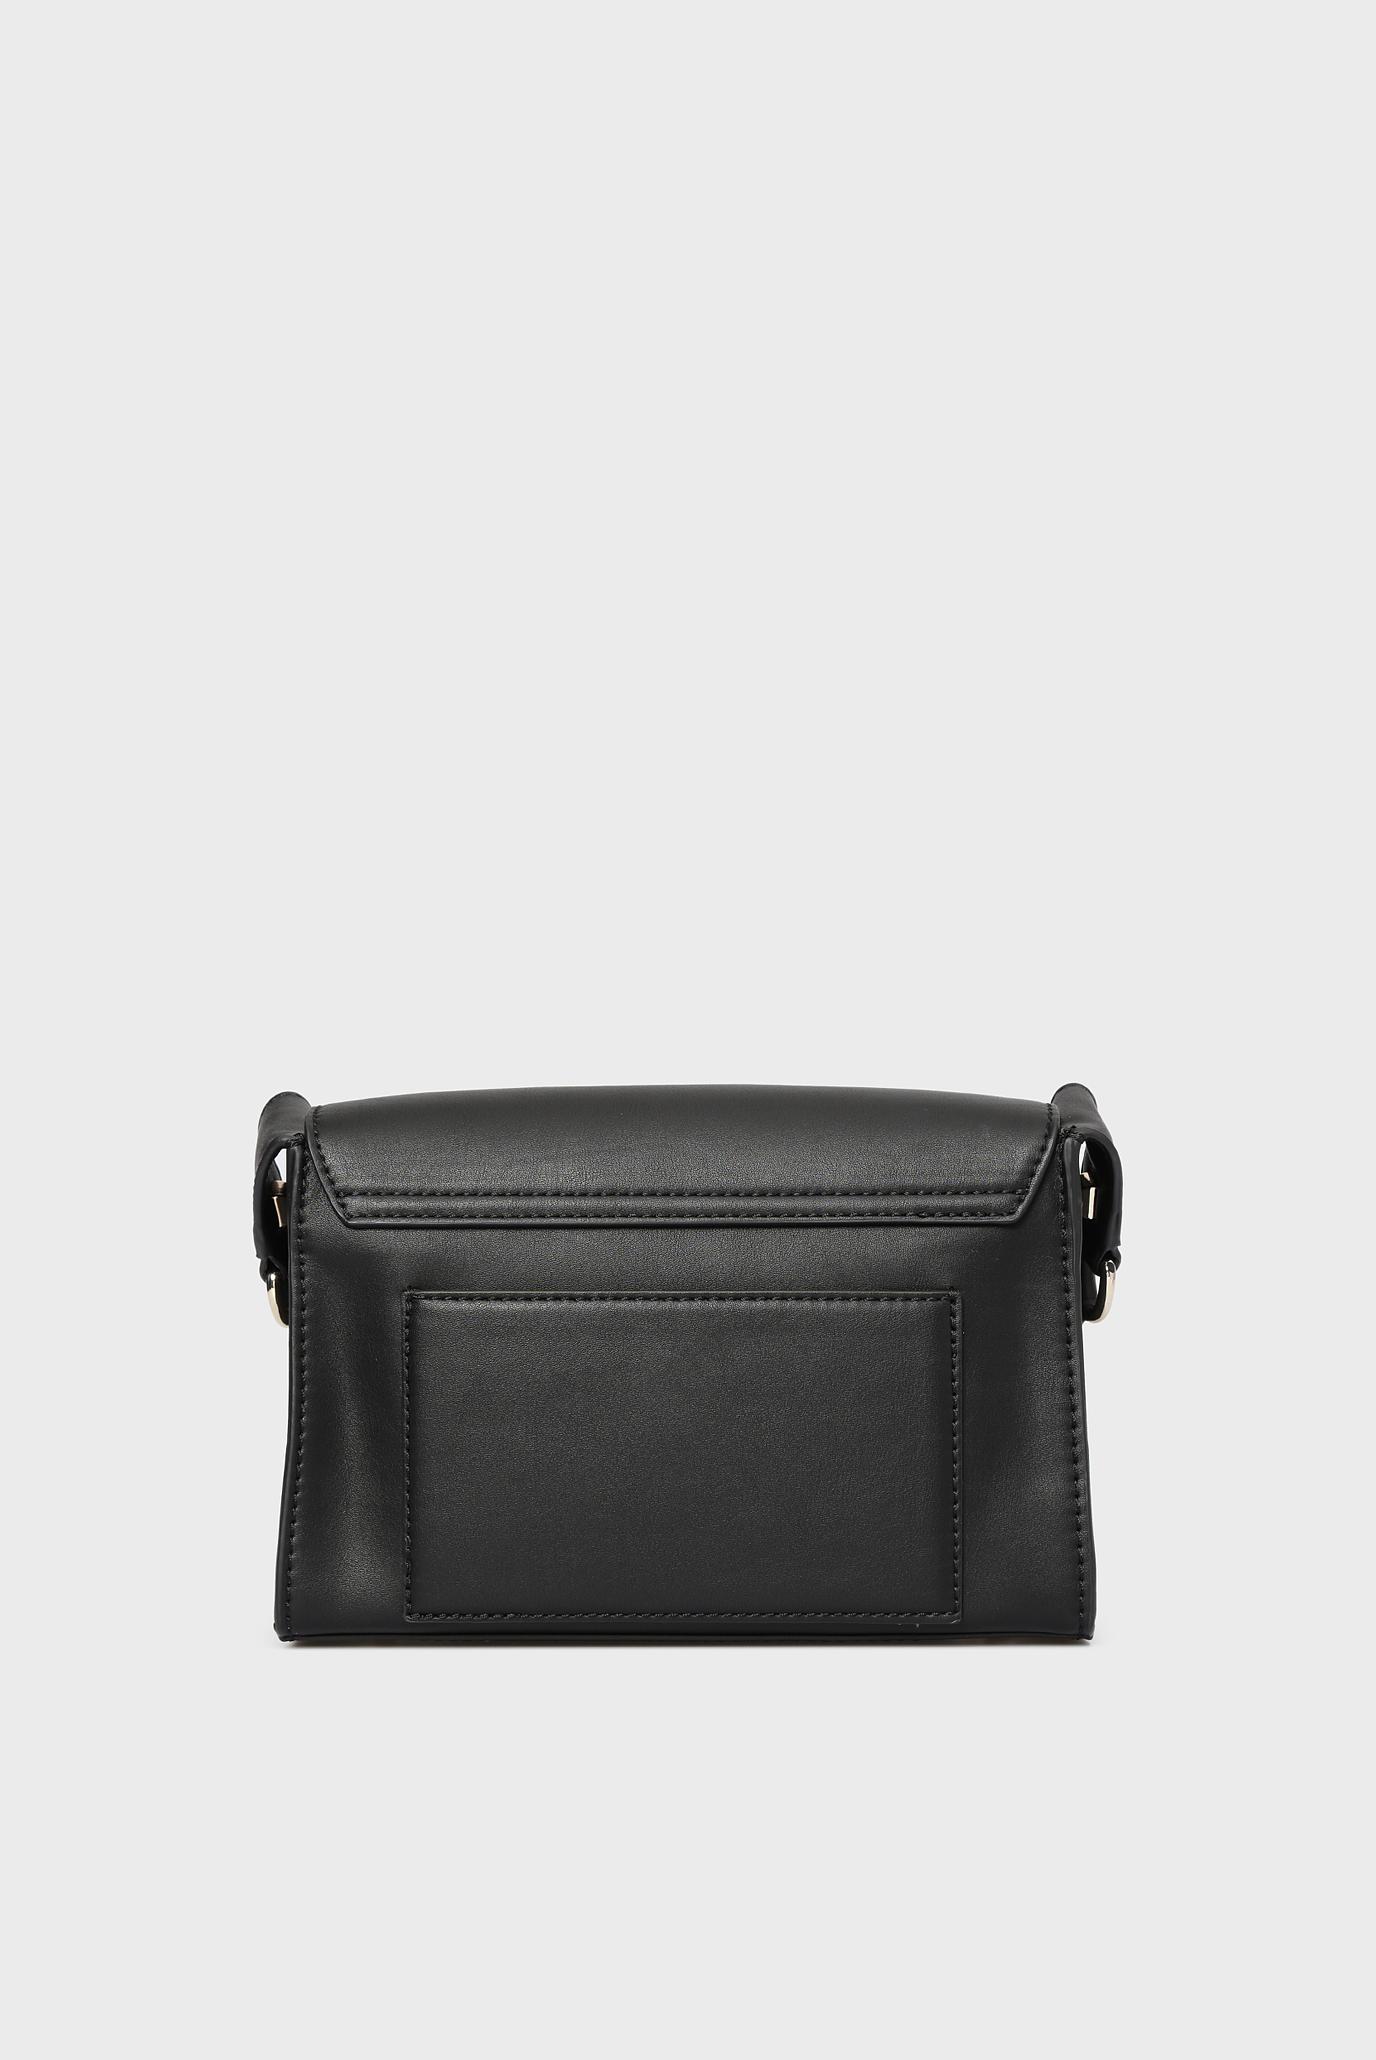 Купить Женская черная сумка через плечо Guess Guess HWVG6876210 – Киев 7ea212b007a